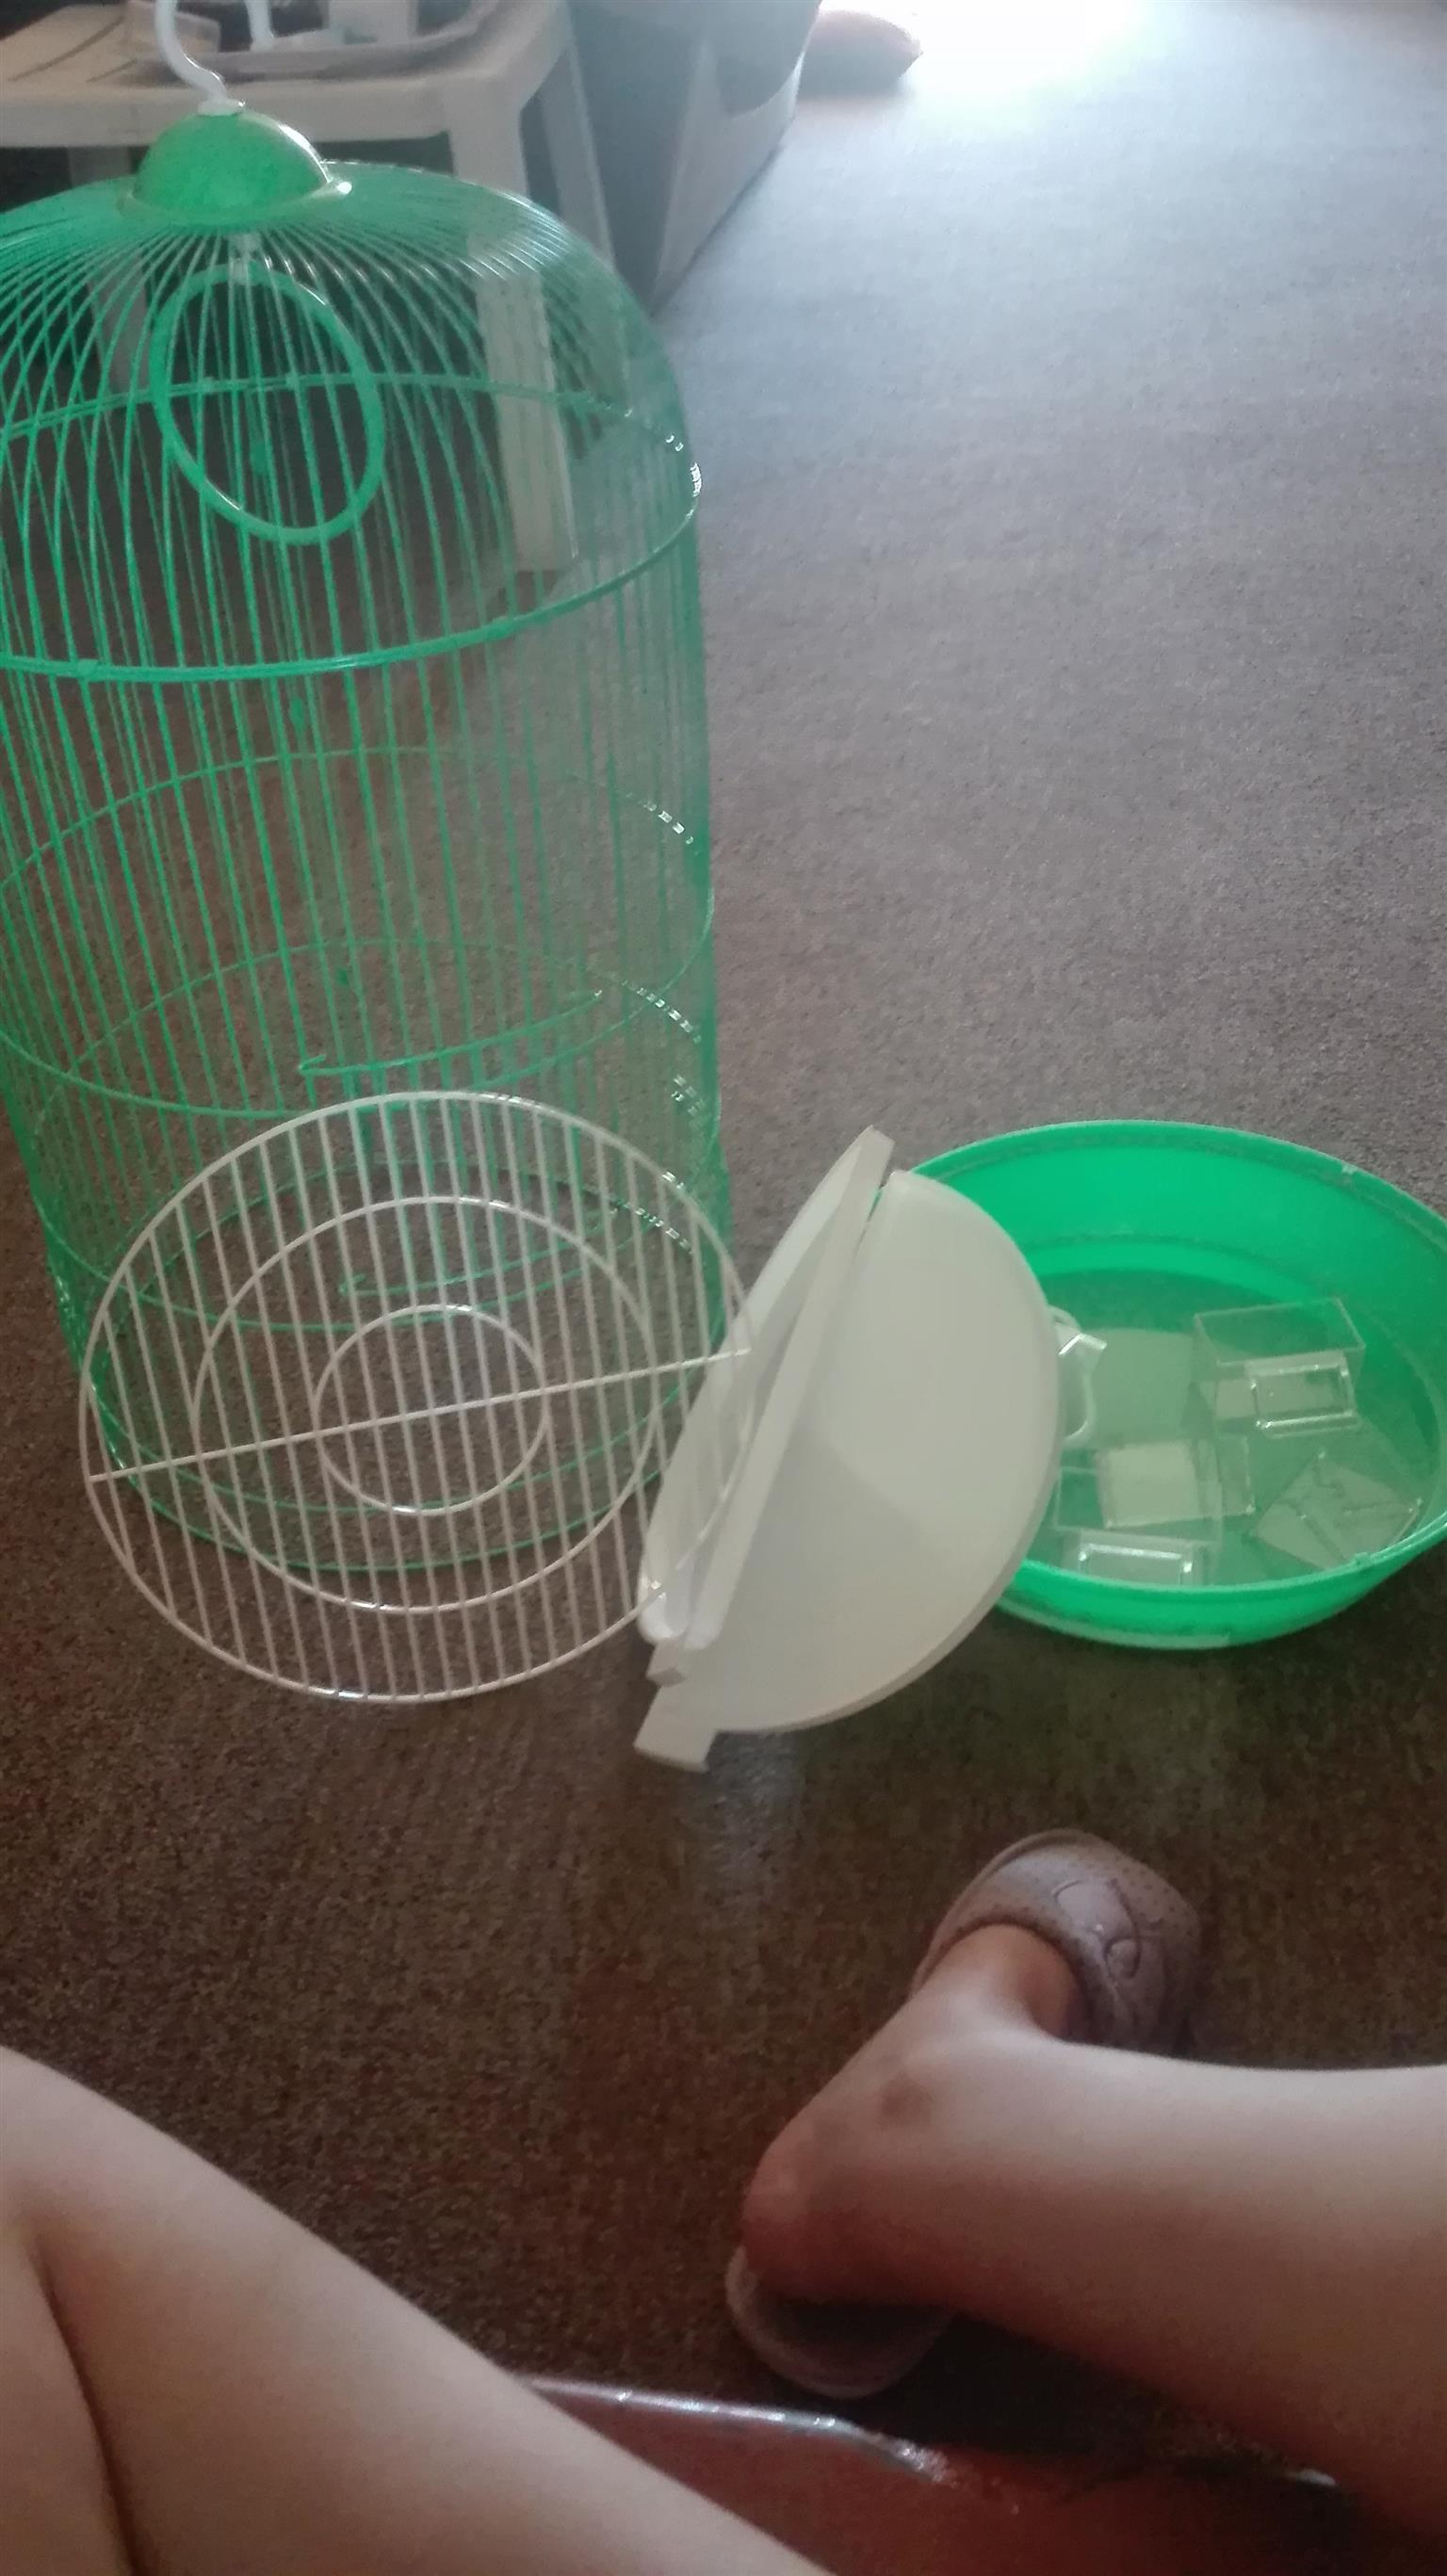 Voël hokkie / bird cage